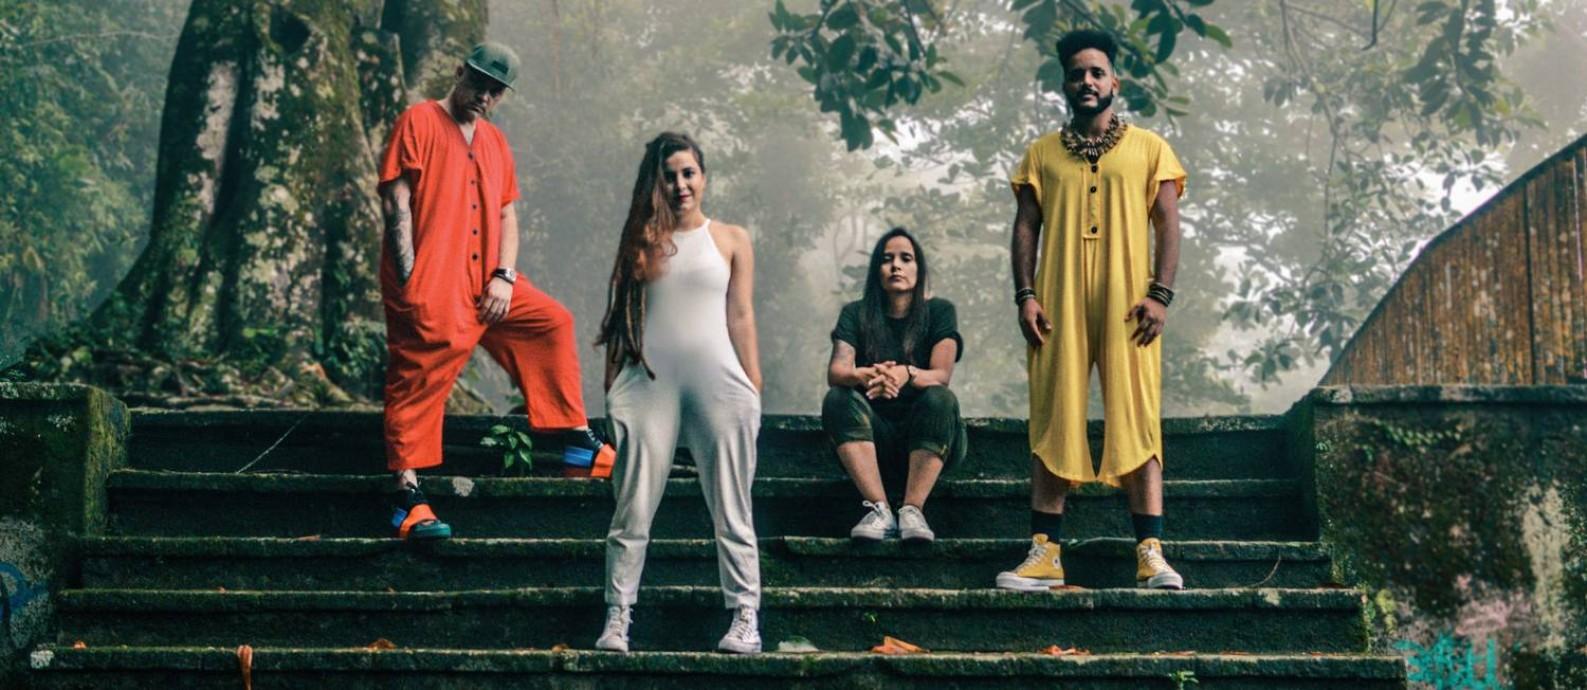 A banda Canto Cego, do Complexo da Maré, não conseguiu receber por lives na pandemia Foto: KAREN TRIBUZY / Divulgação